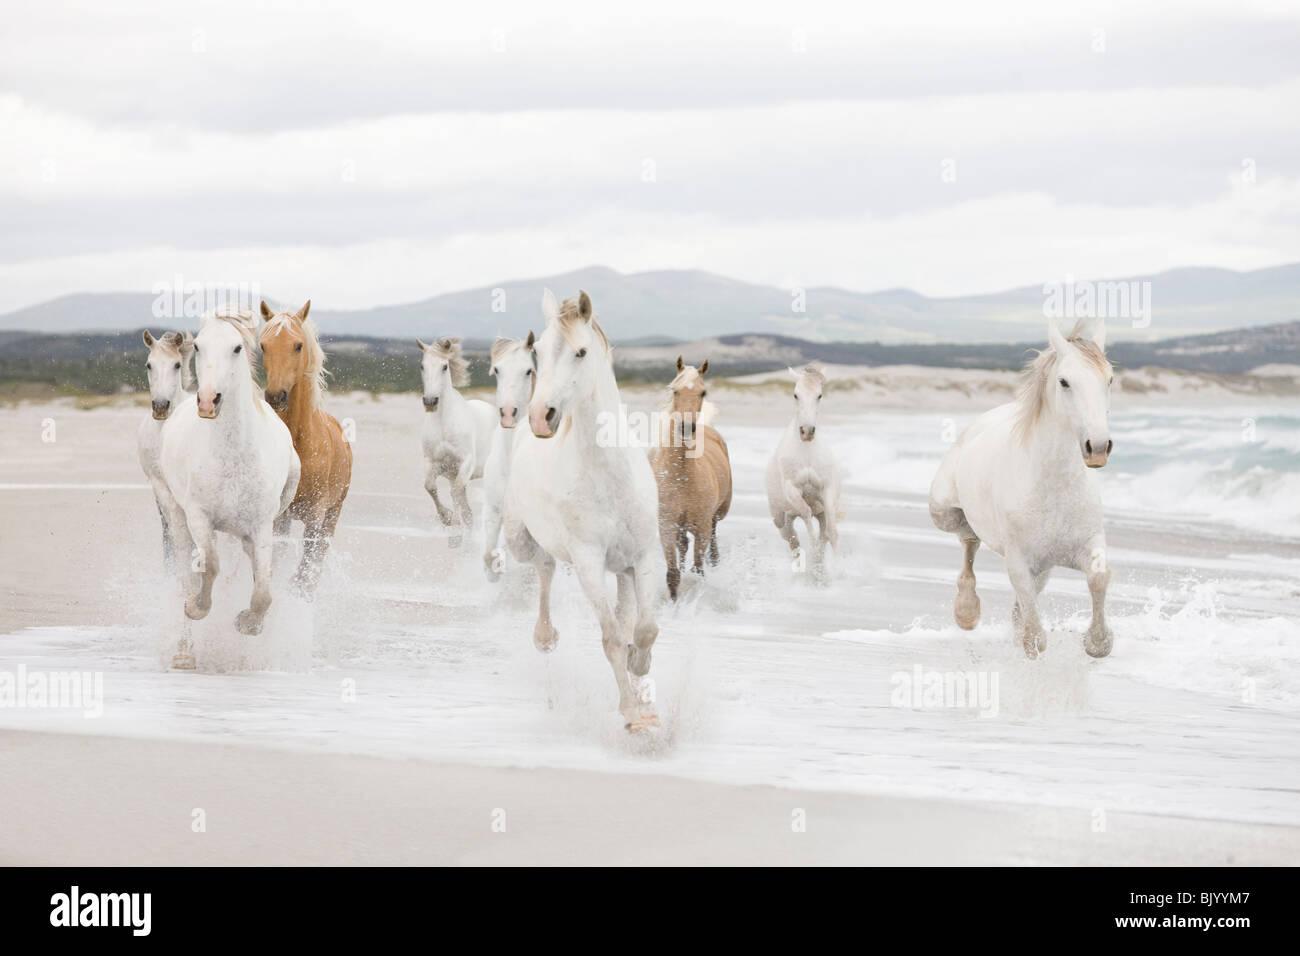 Los caballos en la playa Imagen De Stock